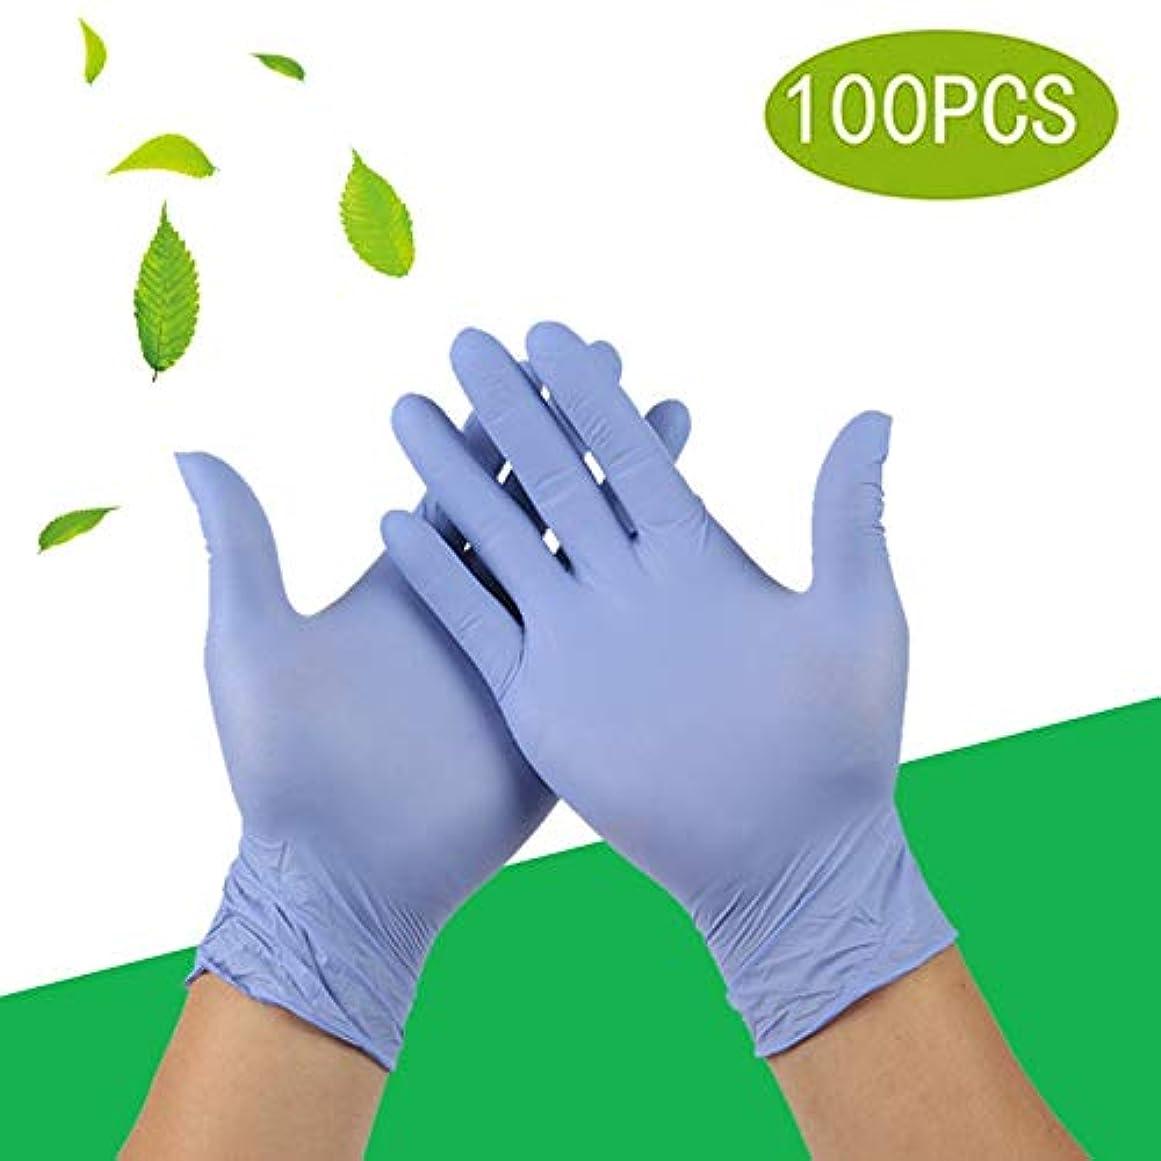 空名誉暫定使い捨て手袋軽量9インチパウダーフリーラテックスフリーライト作業クリーニング園芸医療グレード入れ墨医療検査手袋100倍 (Color : Blue, Size : M)